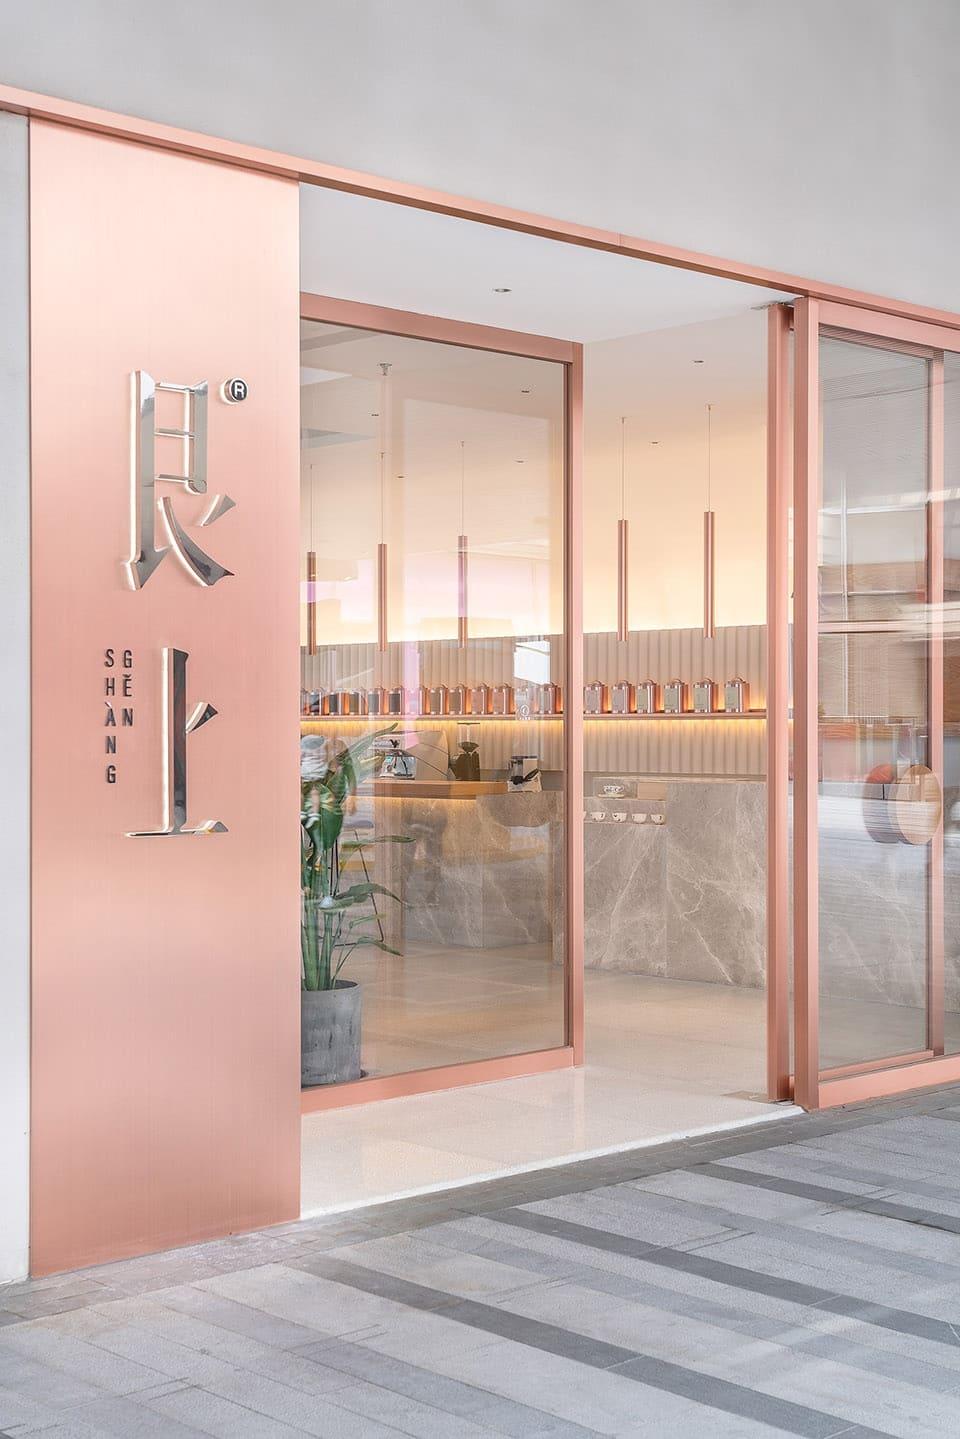 Изображение - Бизнес идеи 2019 которых нет в россии 03-genshang_office-coastline-960x1439